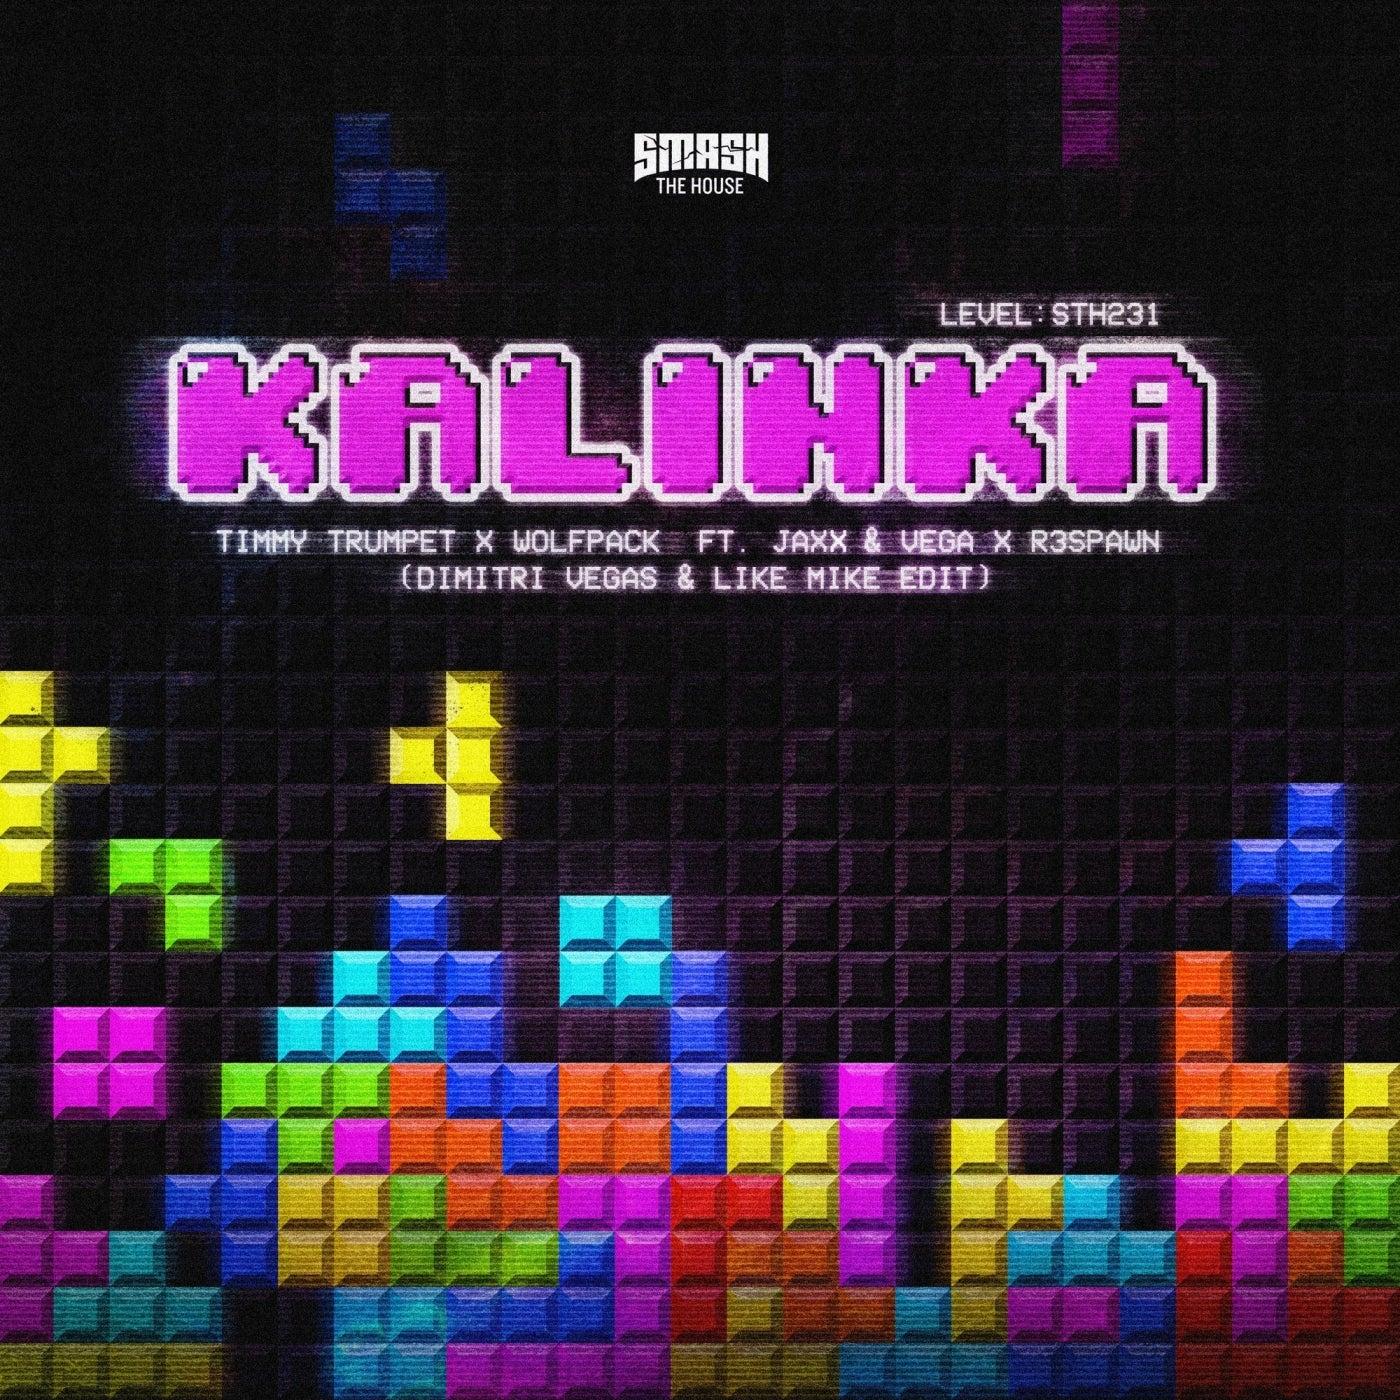 Kalinka (Dimitri Vegas & Like Mike Edit) (Extended Mix)